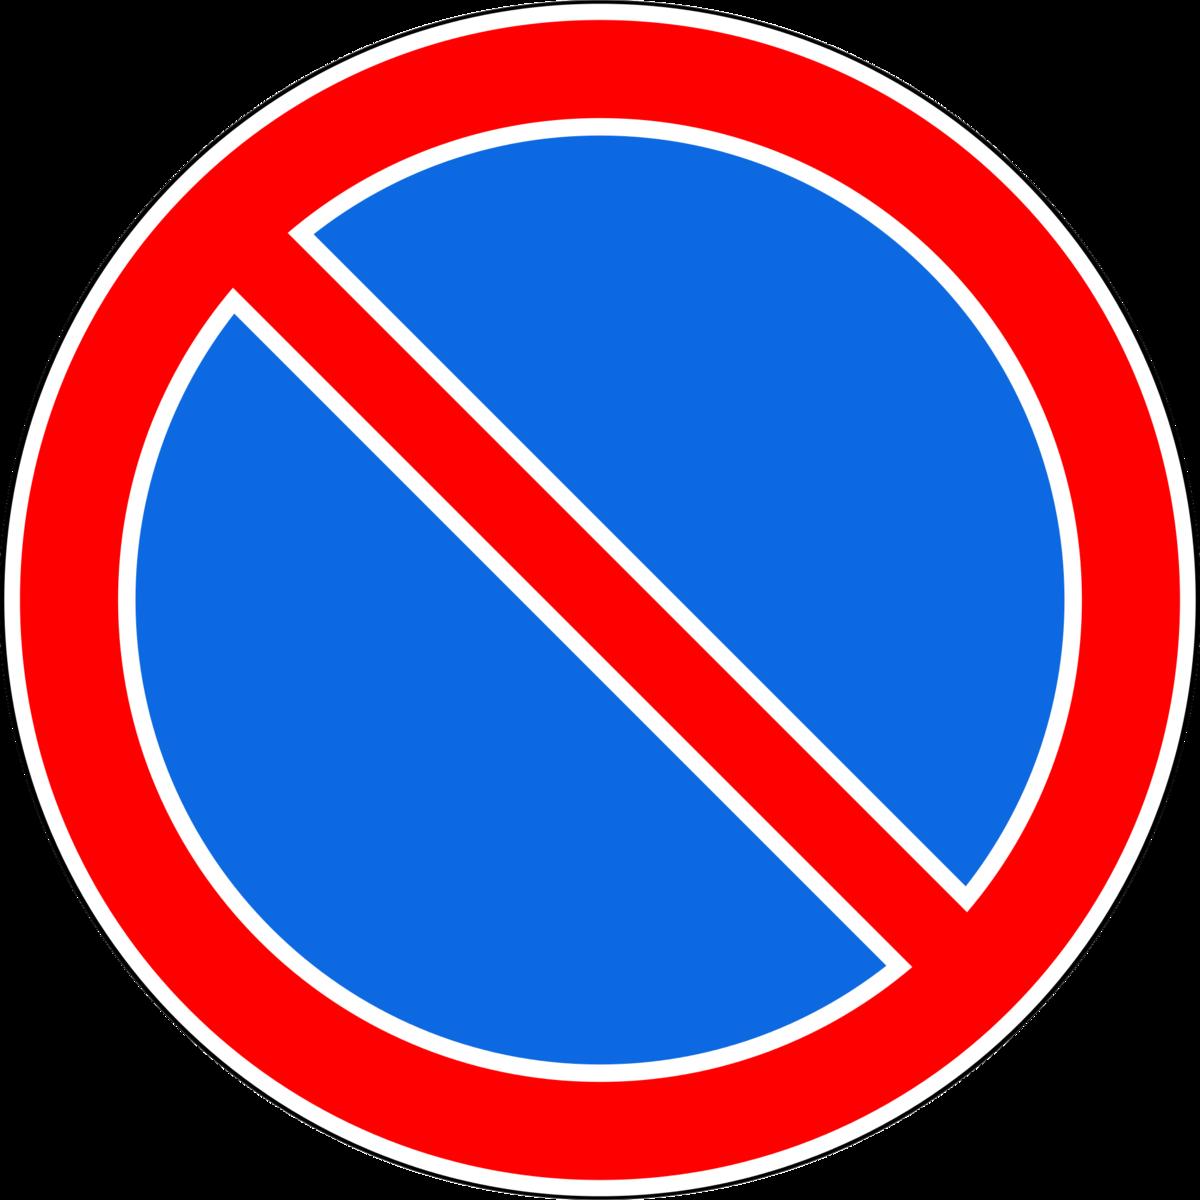 Днем компании, картинки дорожных знаков